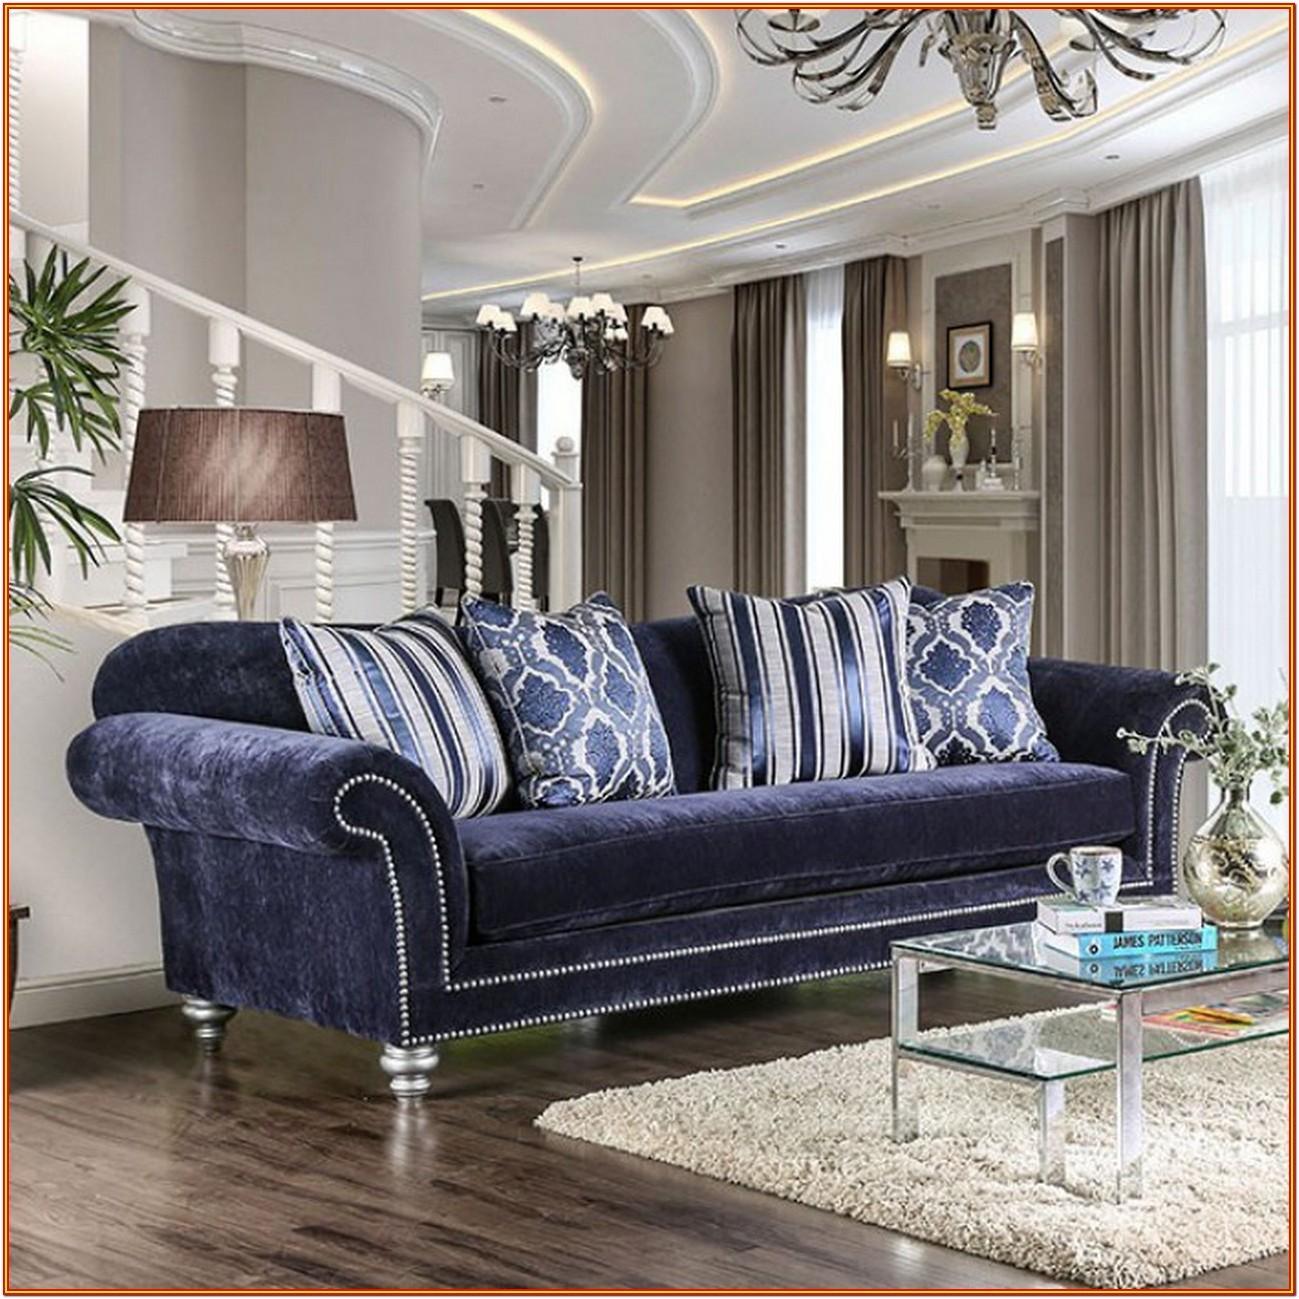 Navy Blue Living Room Furniture Sets